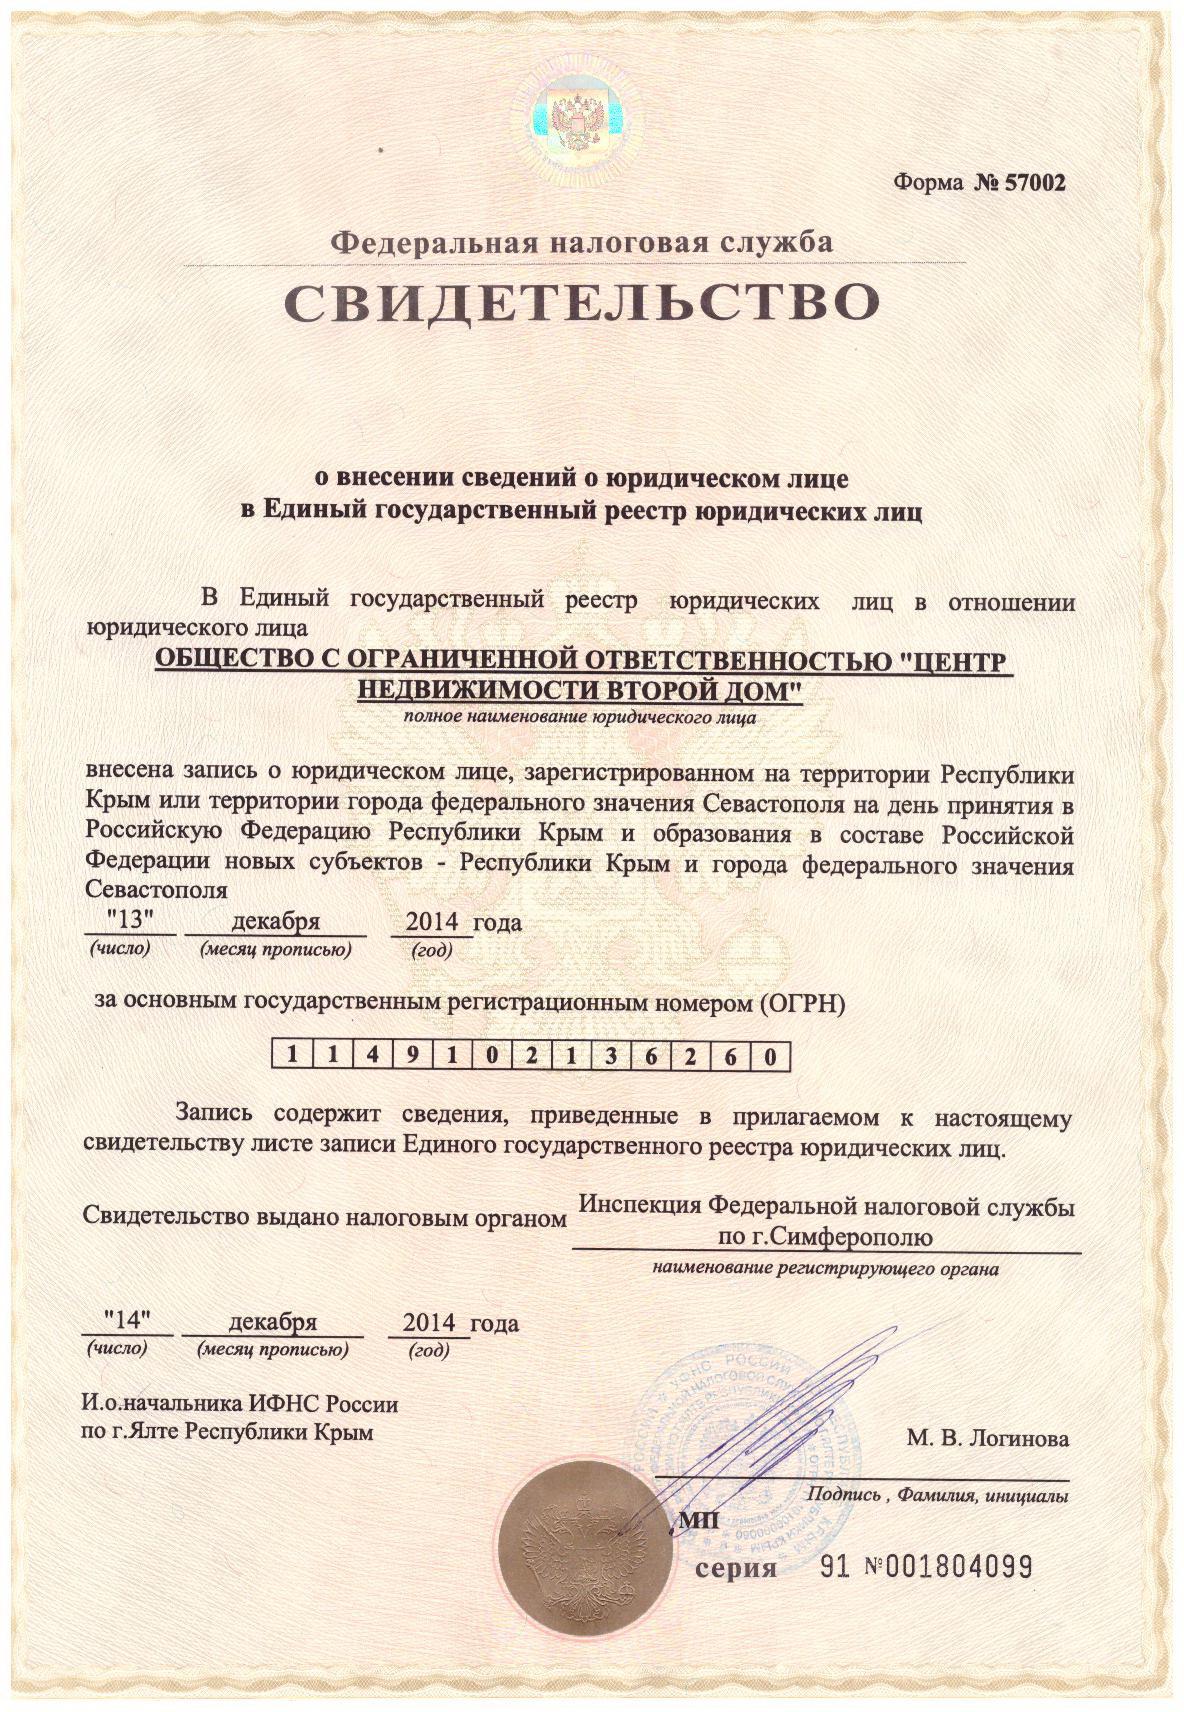 свидетельство о внесении сведений о юридическом лице в ЕГРЮЛ